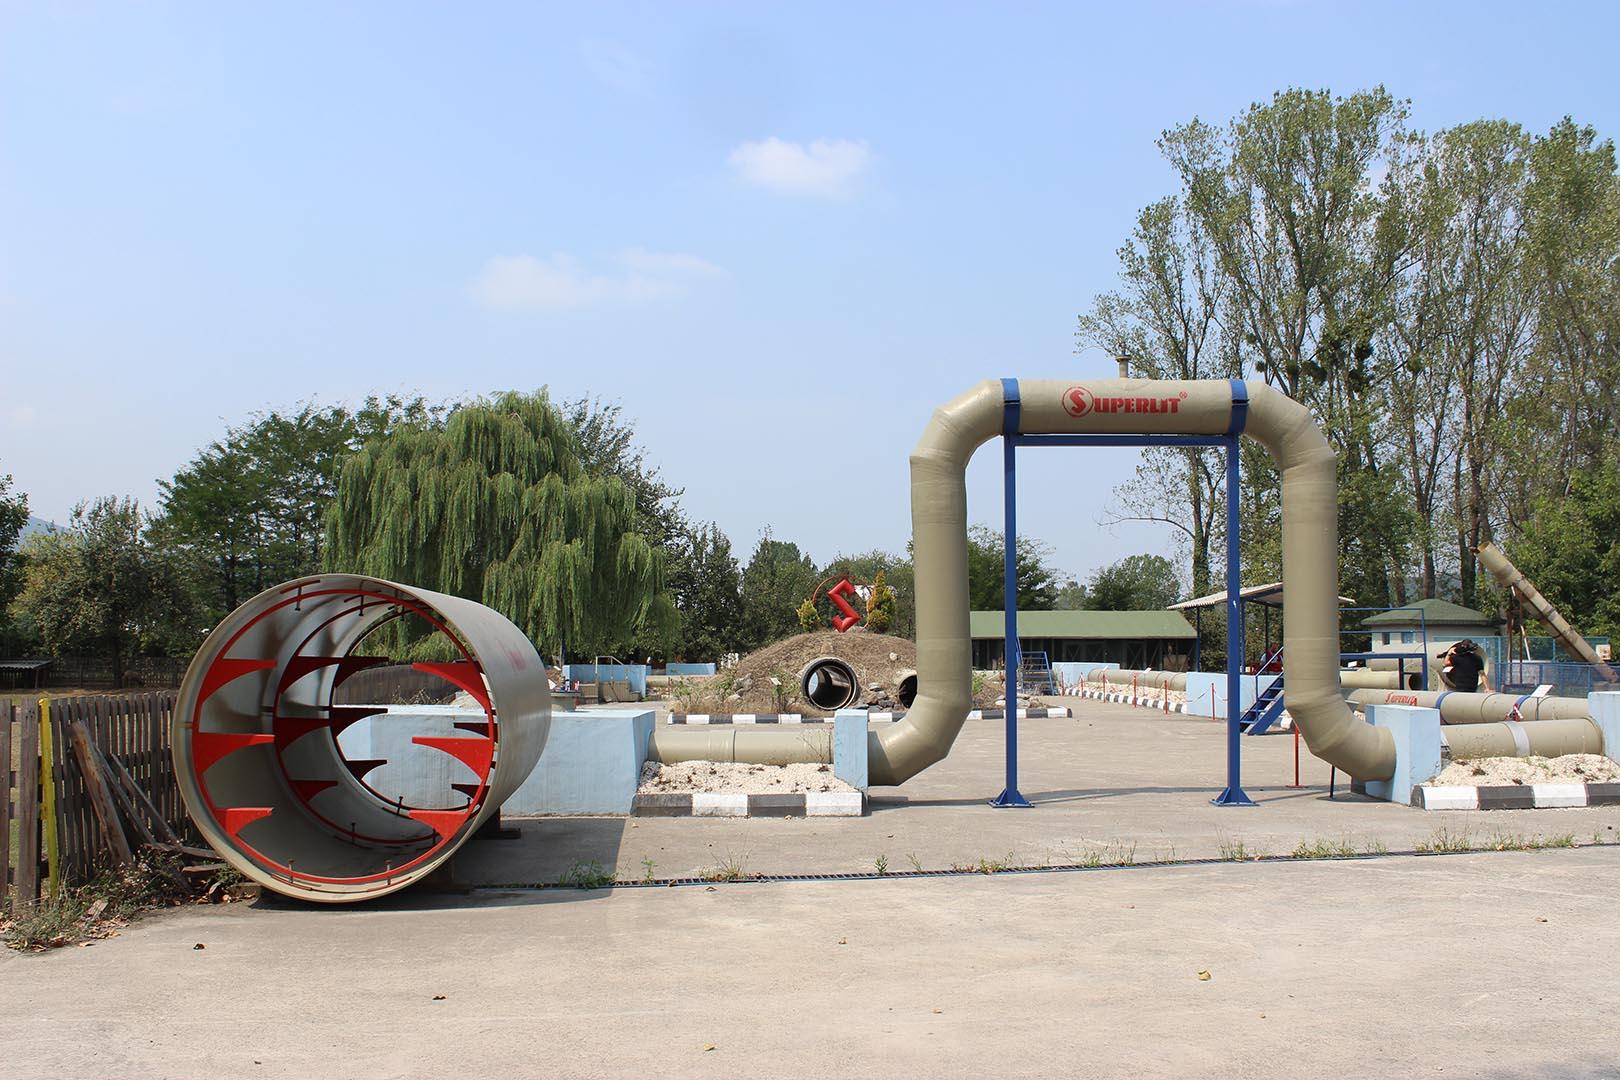 teknopark - technopark